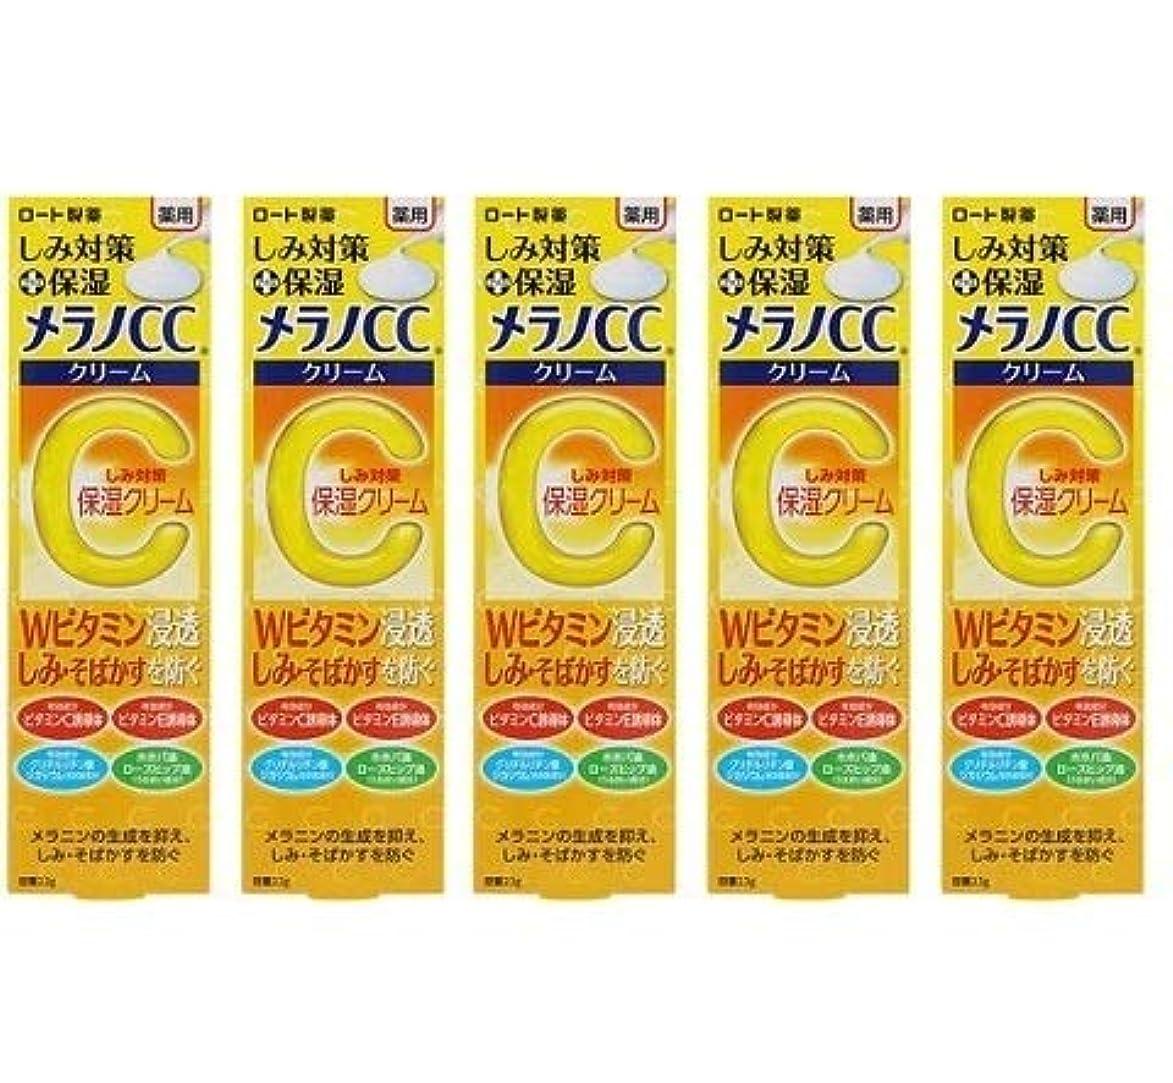 高さ尊敬する製油所メラノCC 薬用しみ対策 保湿クリーム 23g×5個セット